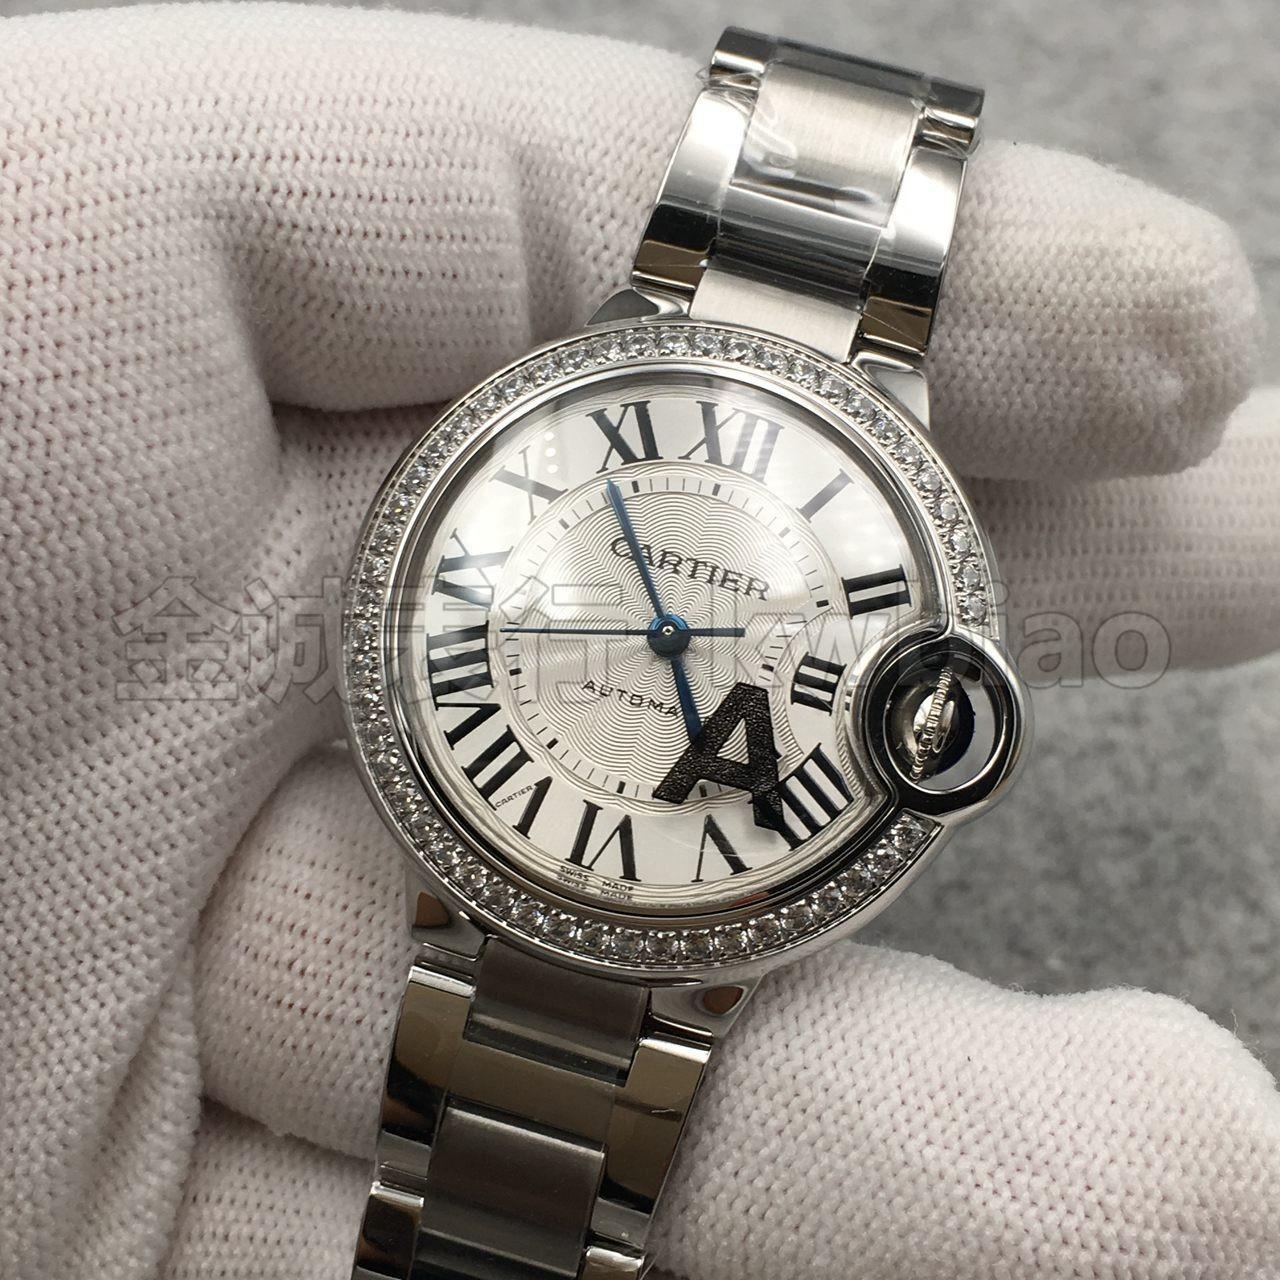 精仿手表如何分辨好坏呢?